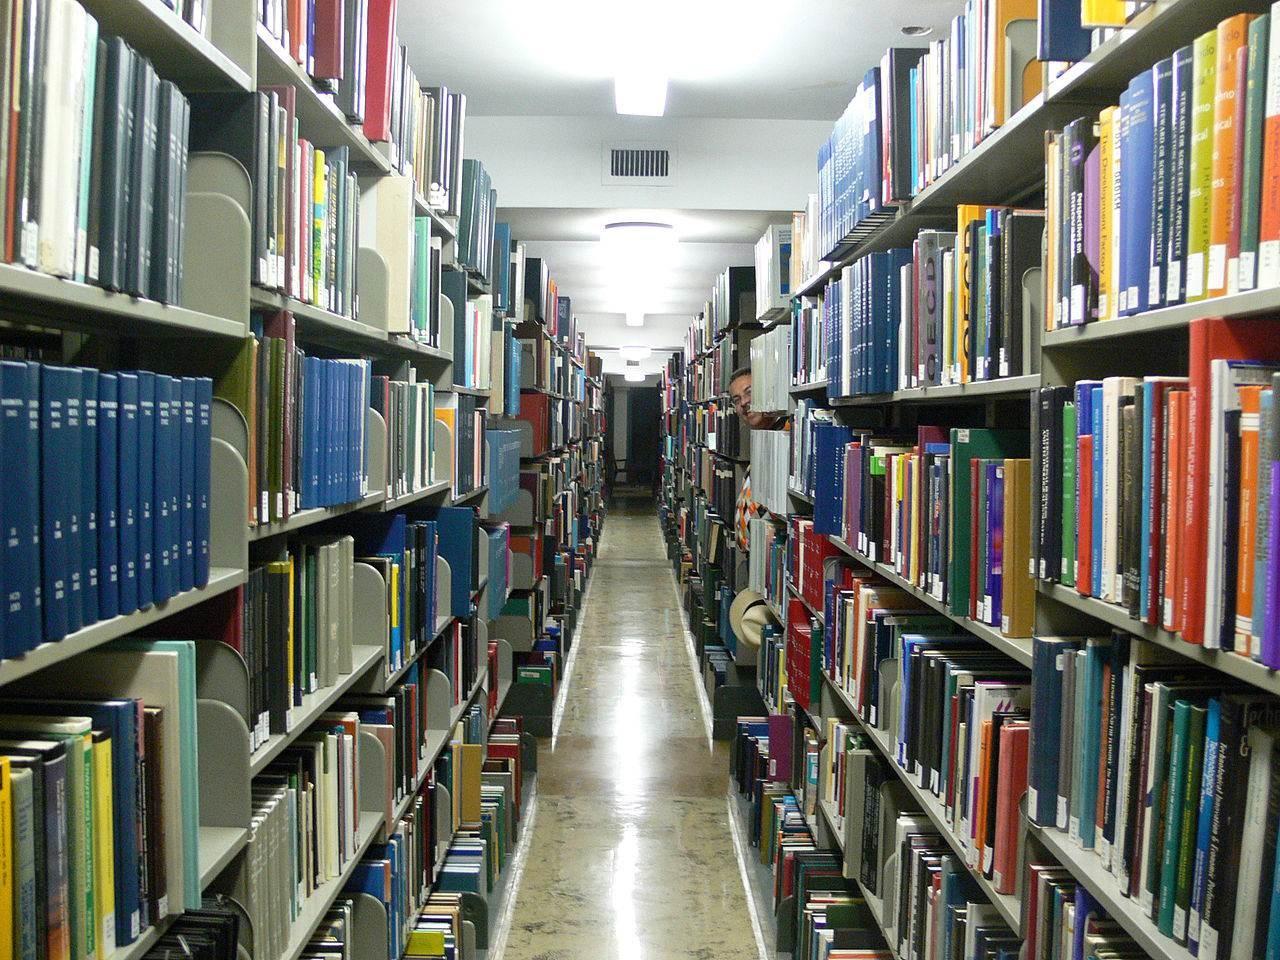 المغرب: حملات افتراضية لإعادة فتح المكتبات